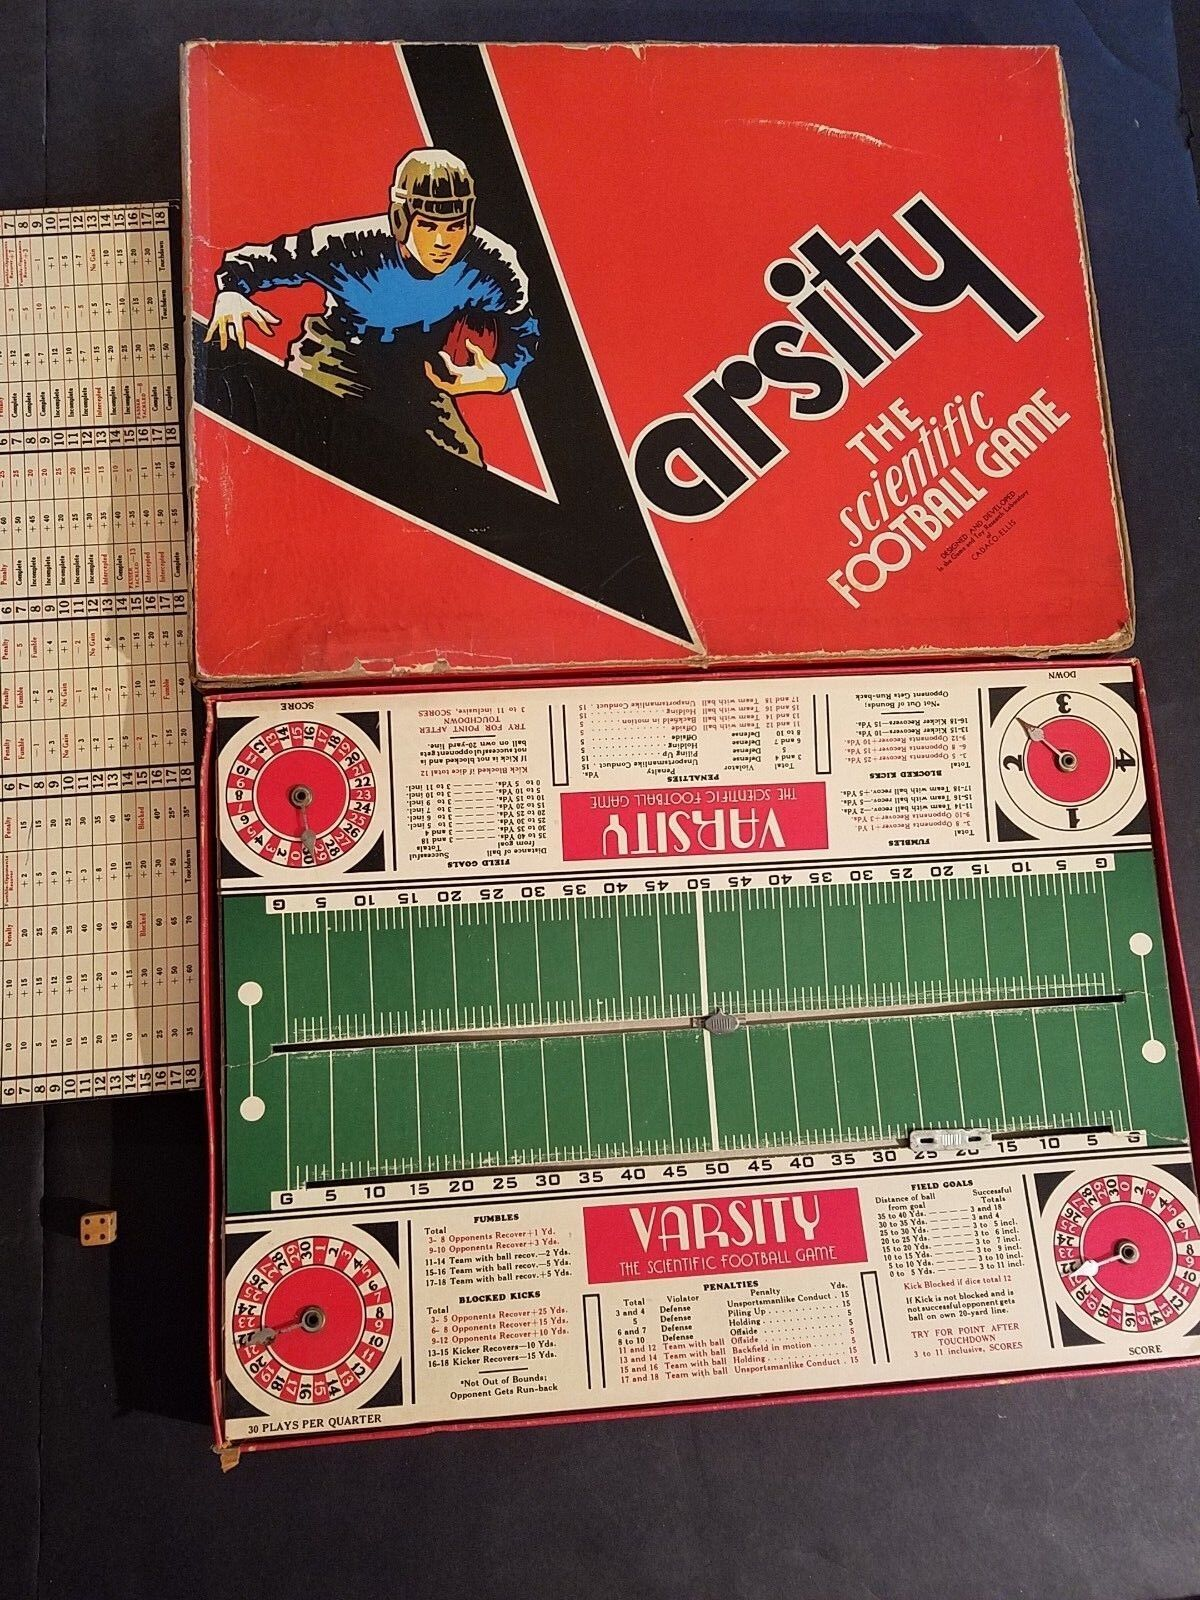 Vintage VARSITY FOOTBALL Game Complete In Original Box By Cadaco-Ellis 1945